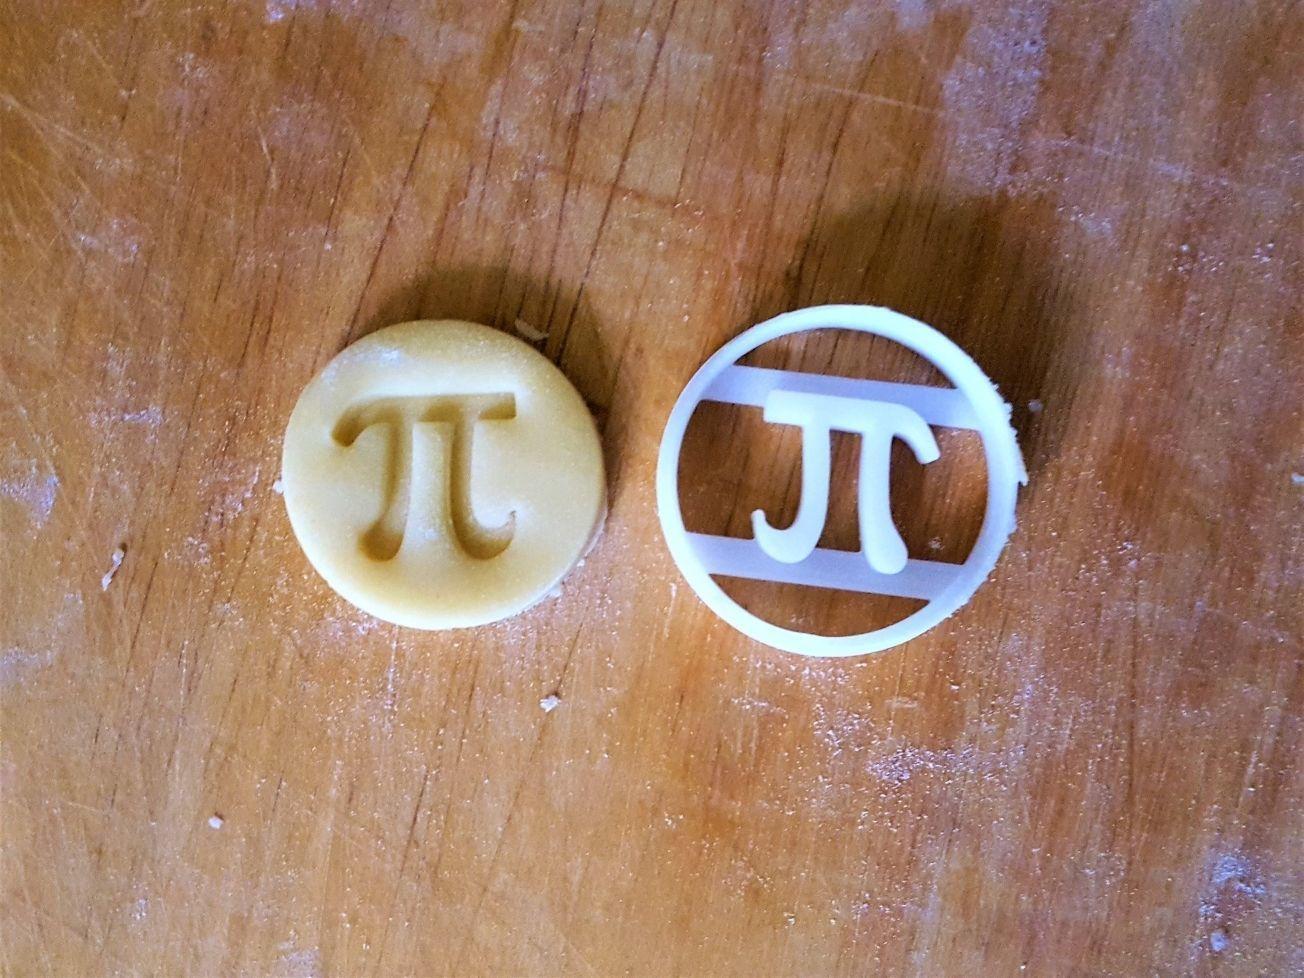 Number Pi cookie cutter v2